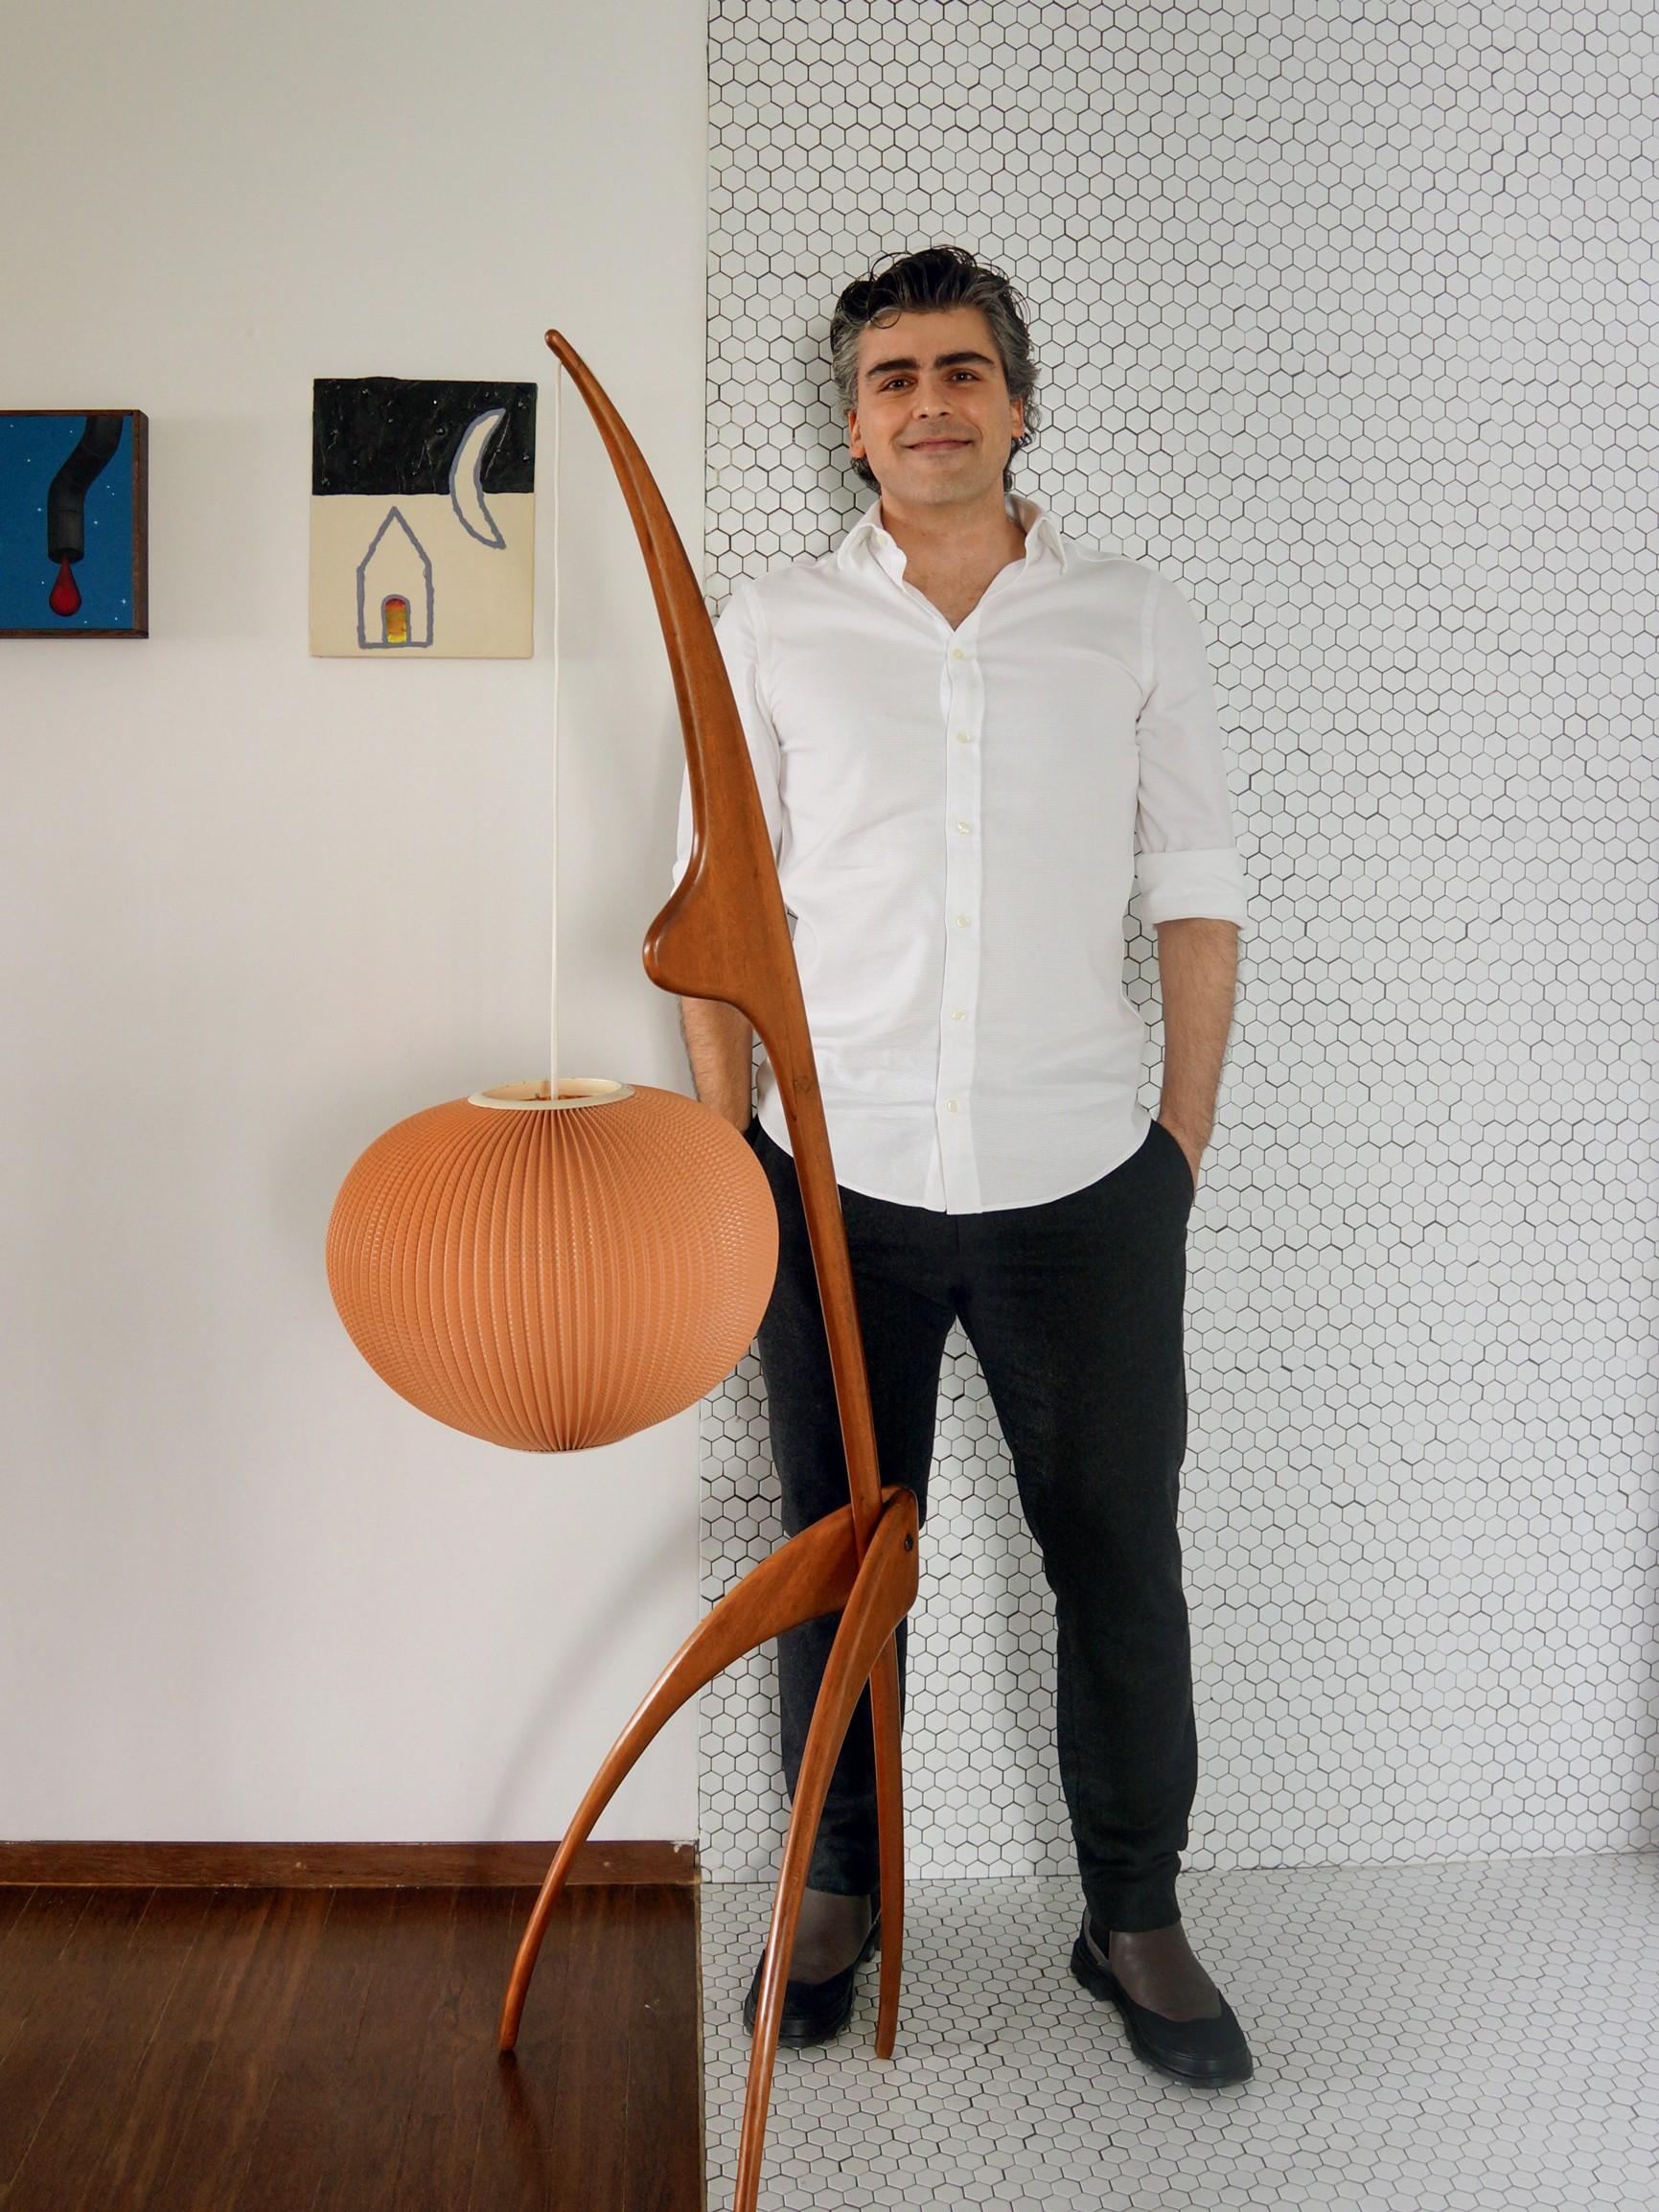 Em isolamento, arquitetos e designers revelam as histórias de seus objetos preferidos  (Foto: Acervo pessoal)